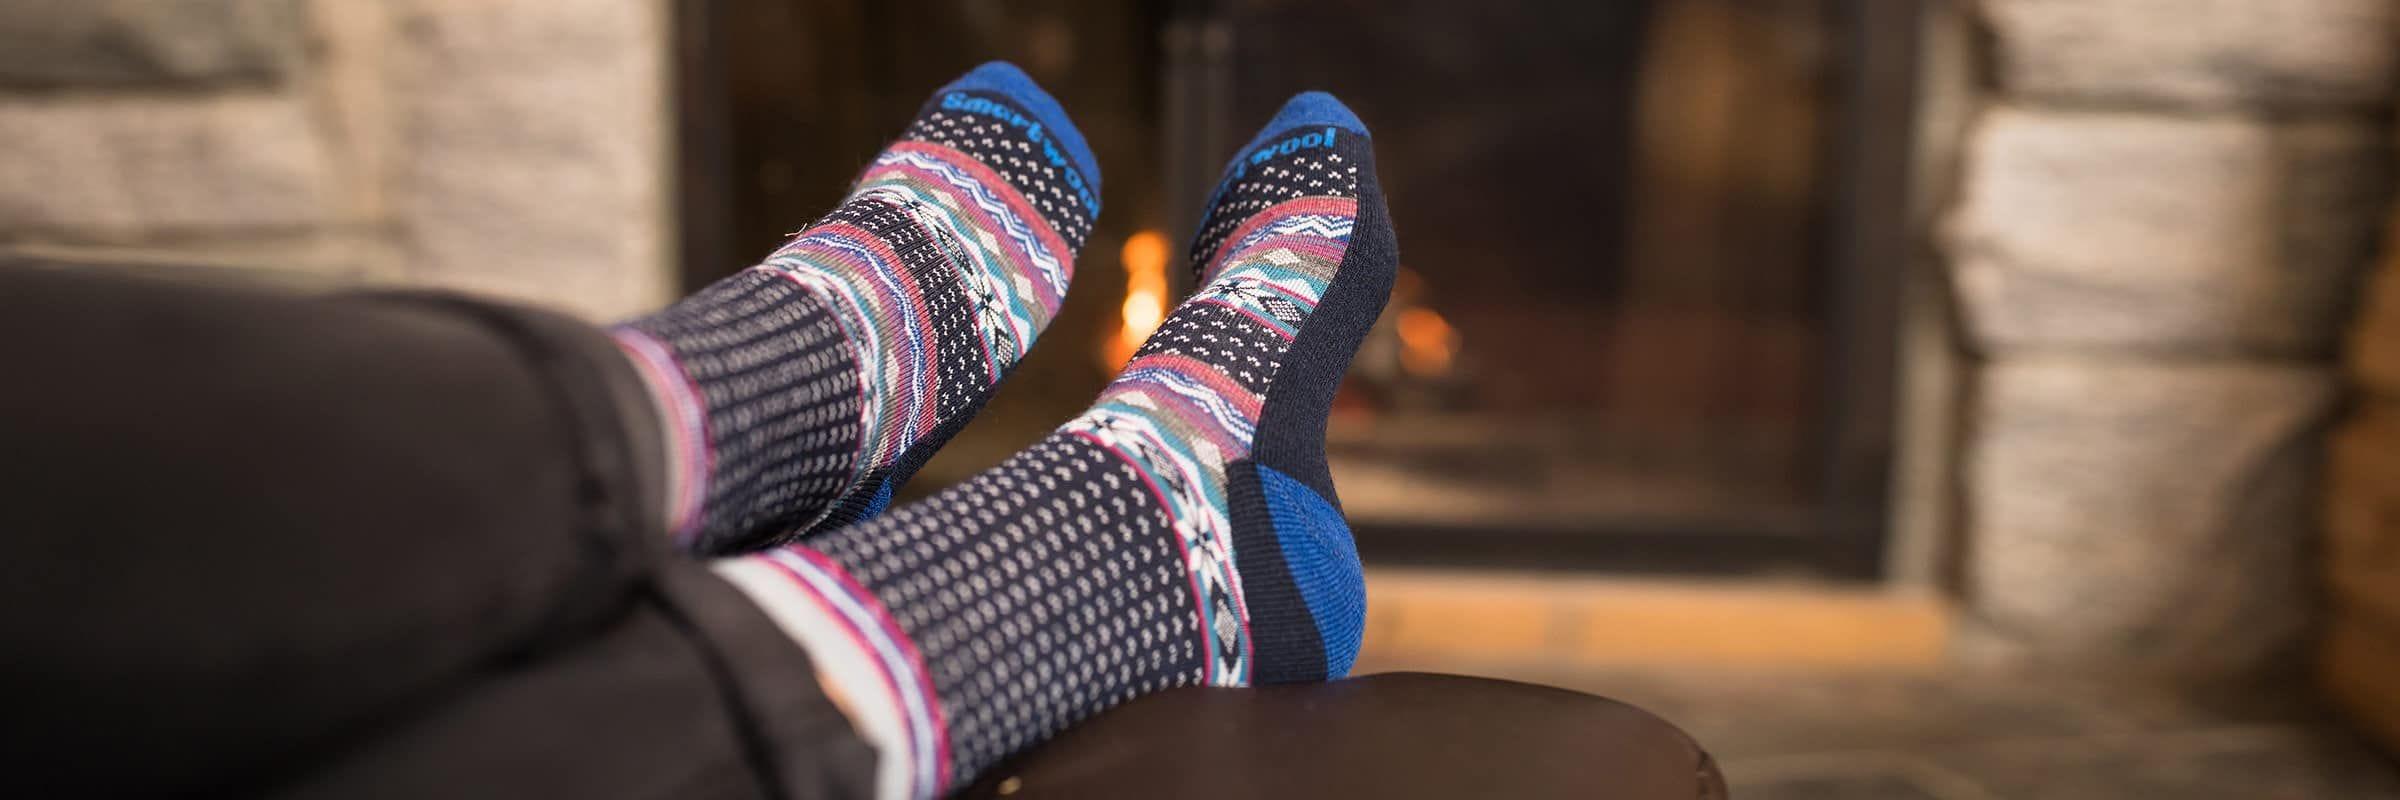 bas, chaussettes, Darn Tough, Icebreaker, idées cadeaux, noël, Smartwool, Socksmith, stance, Wigwam. Les meilleurs chaussettes à offrir en cadeaux